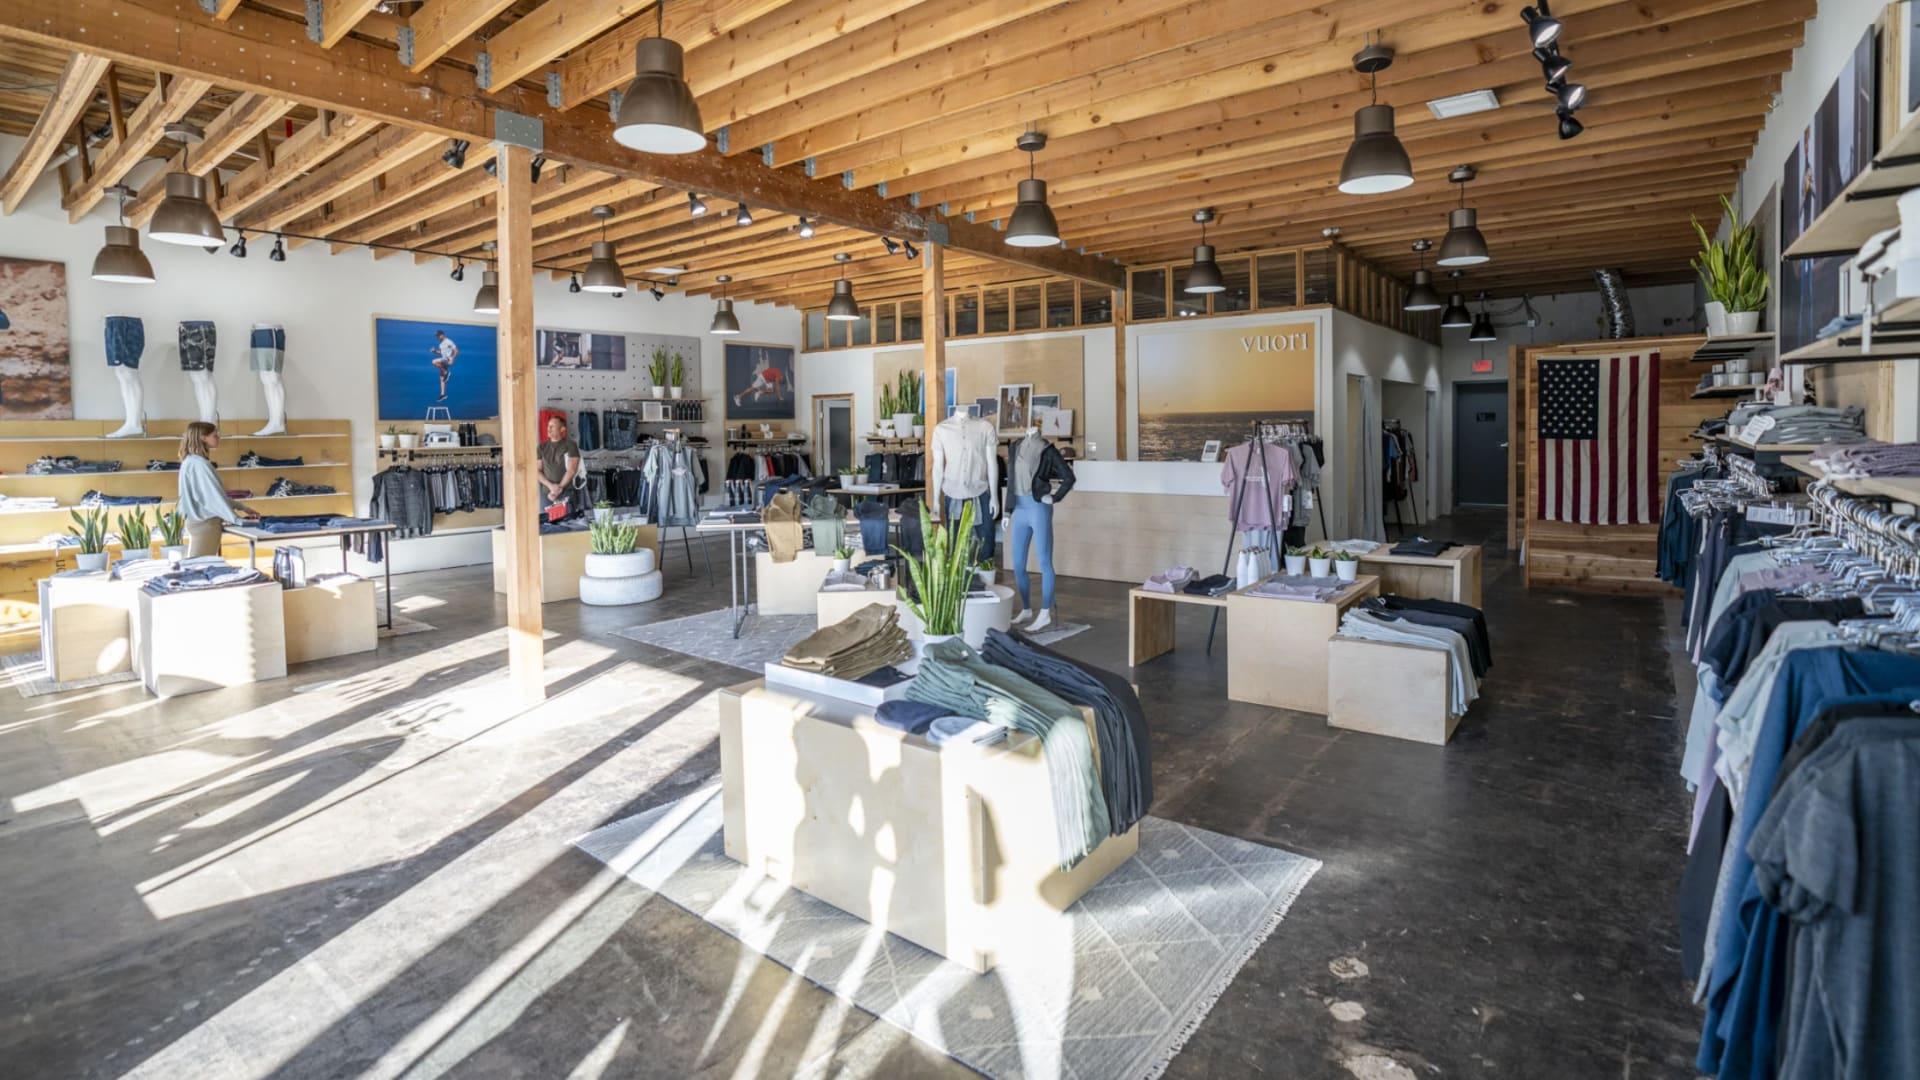 Vuori's flagship store in Encinitas, California.